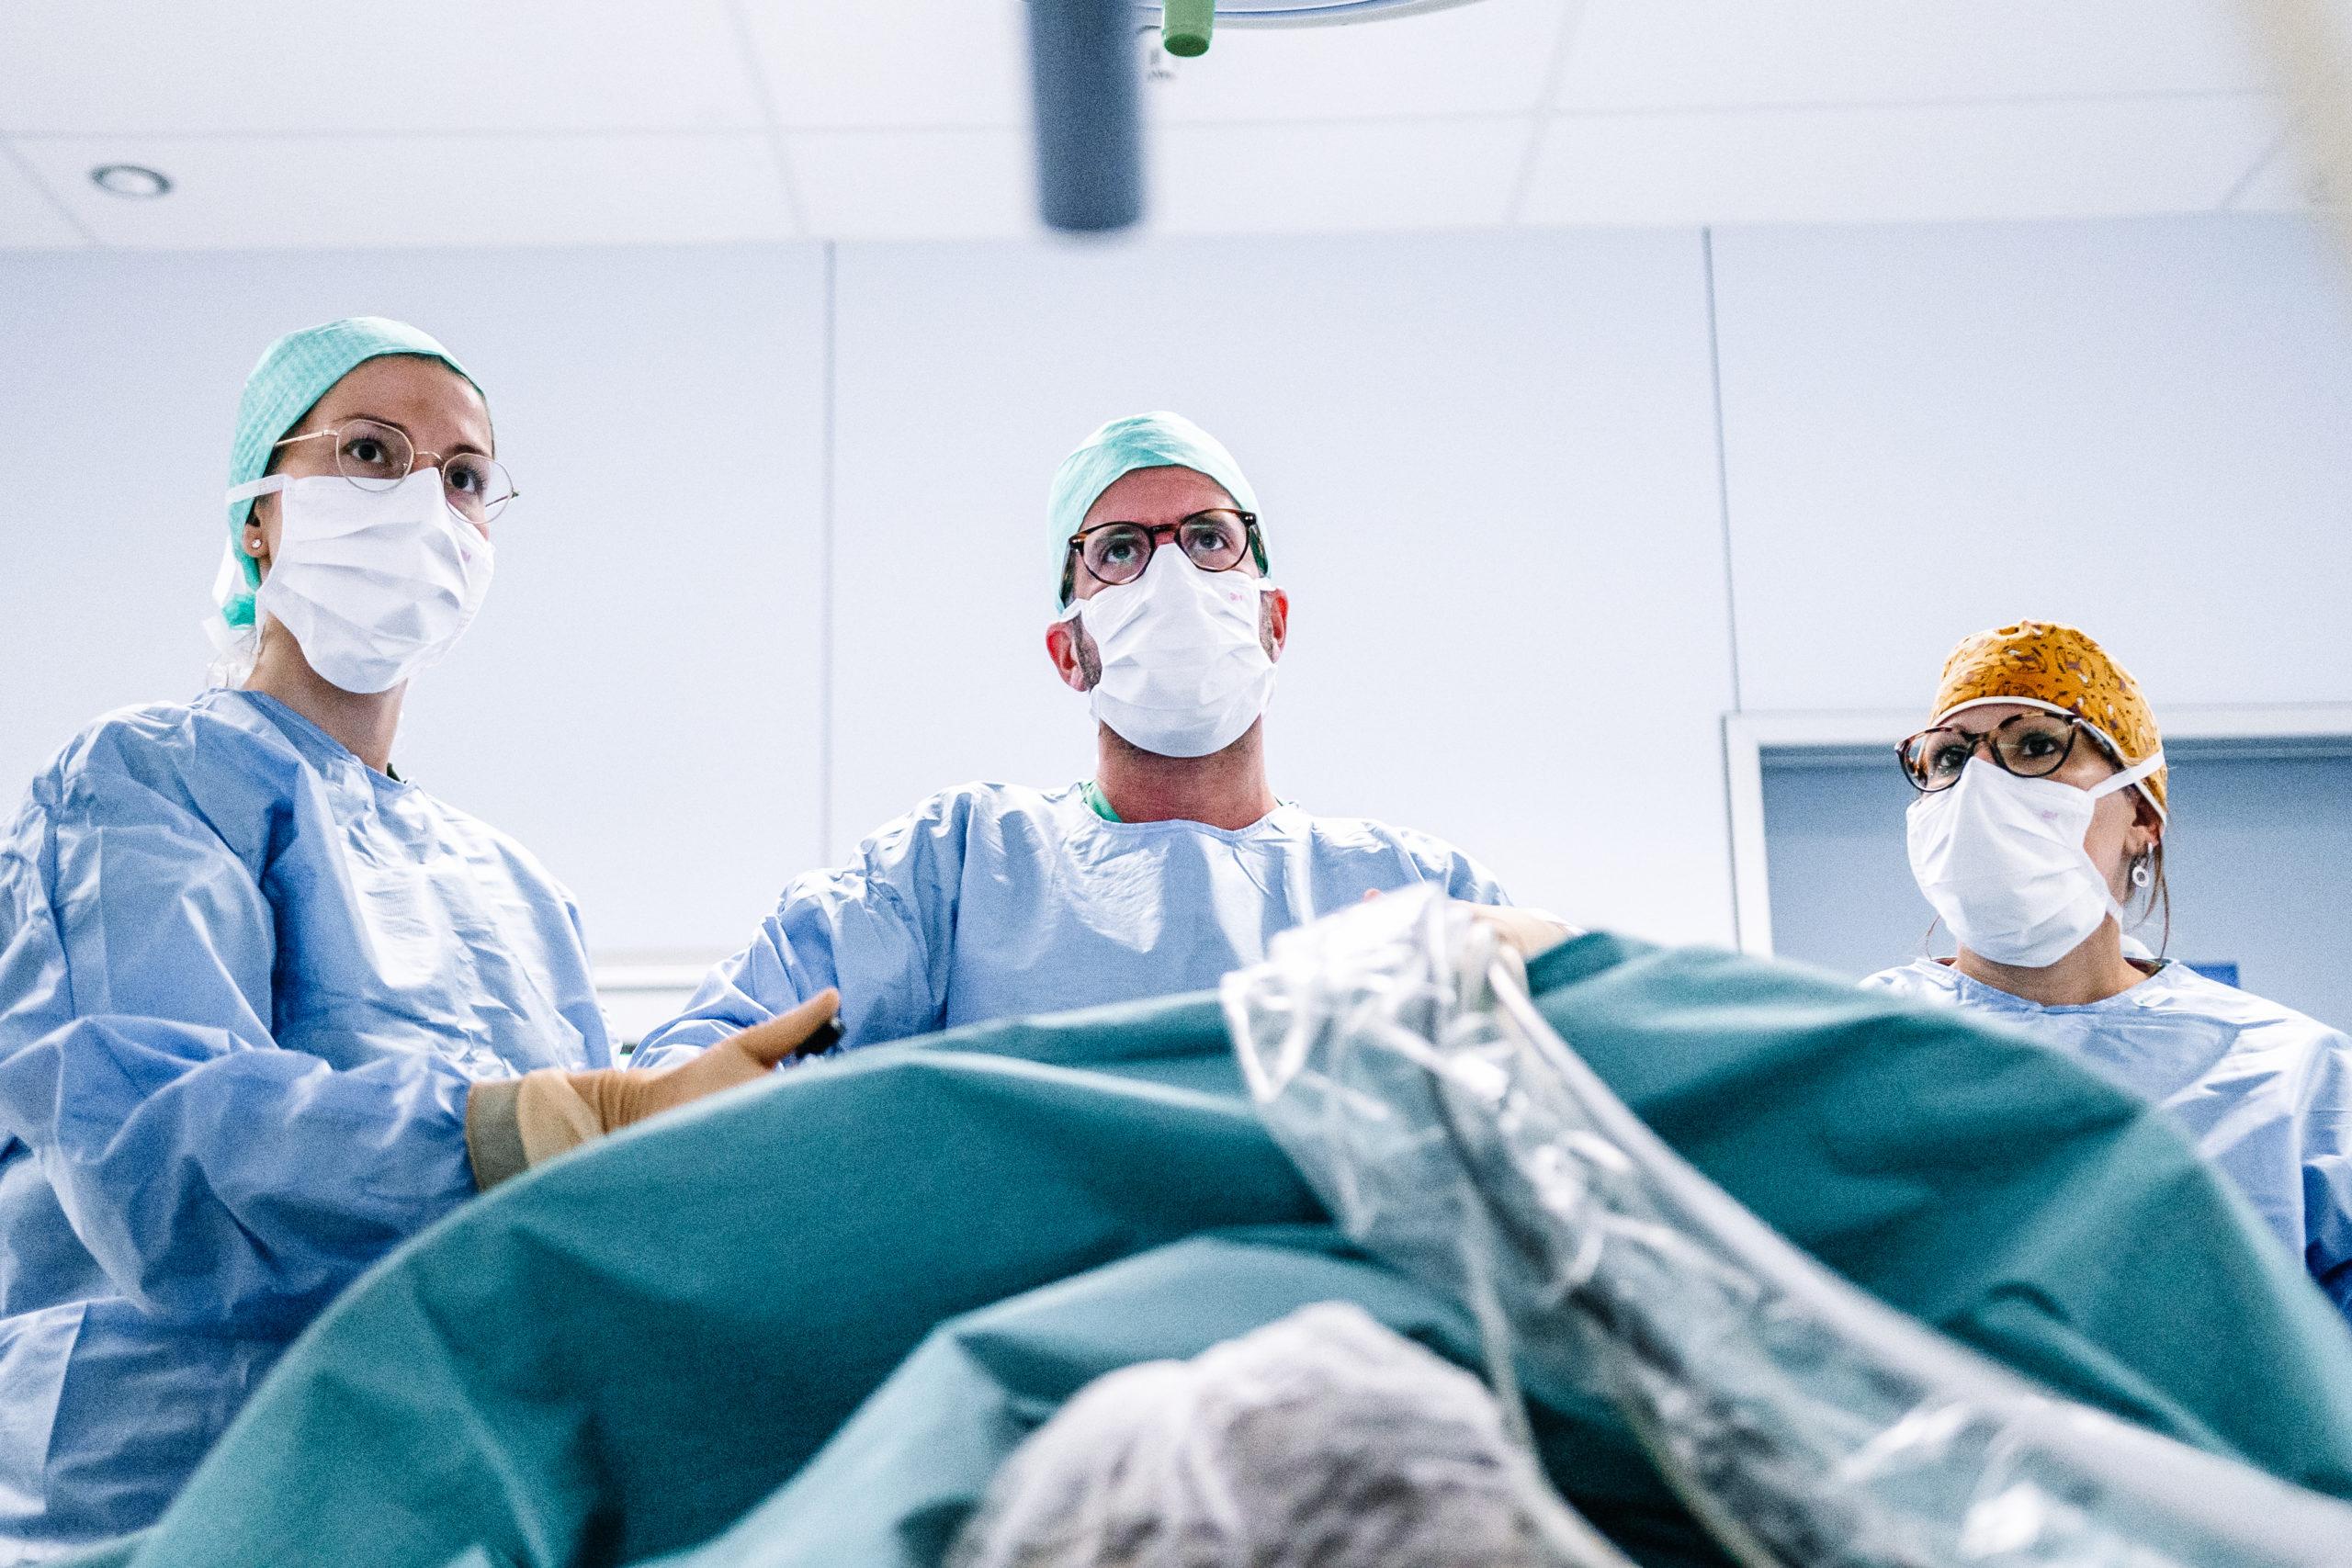 chirurgen aan het opereren